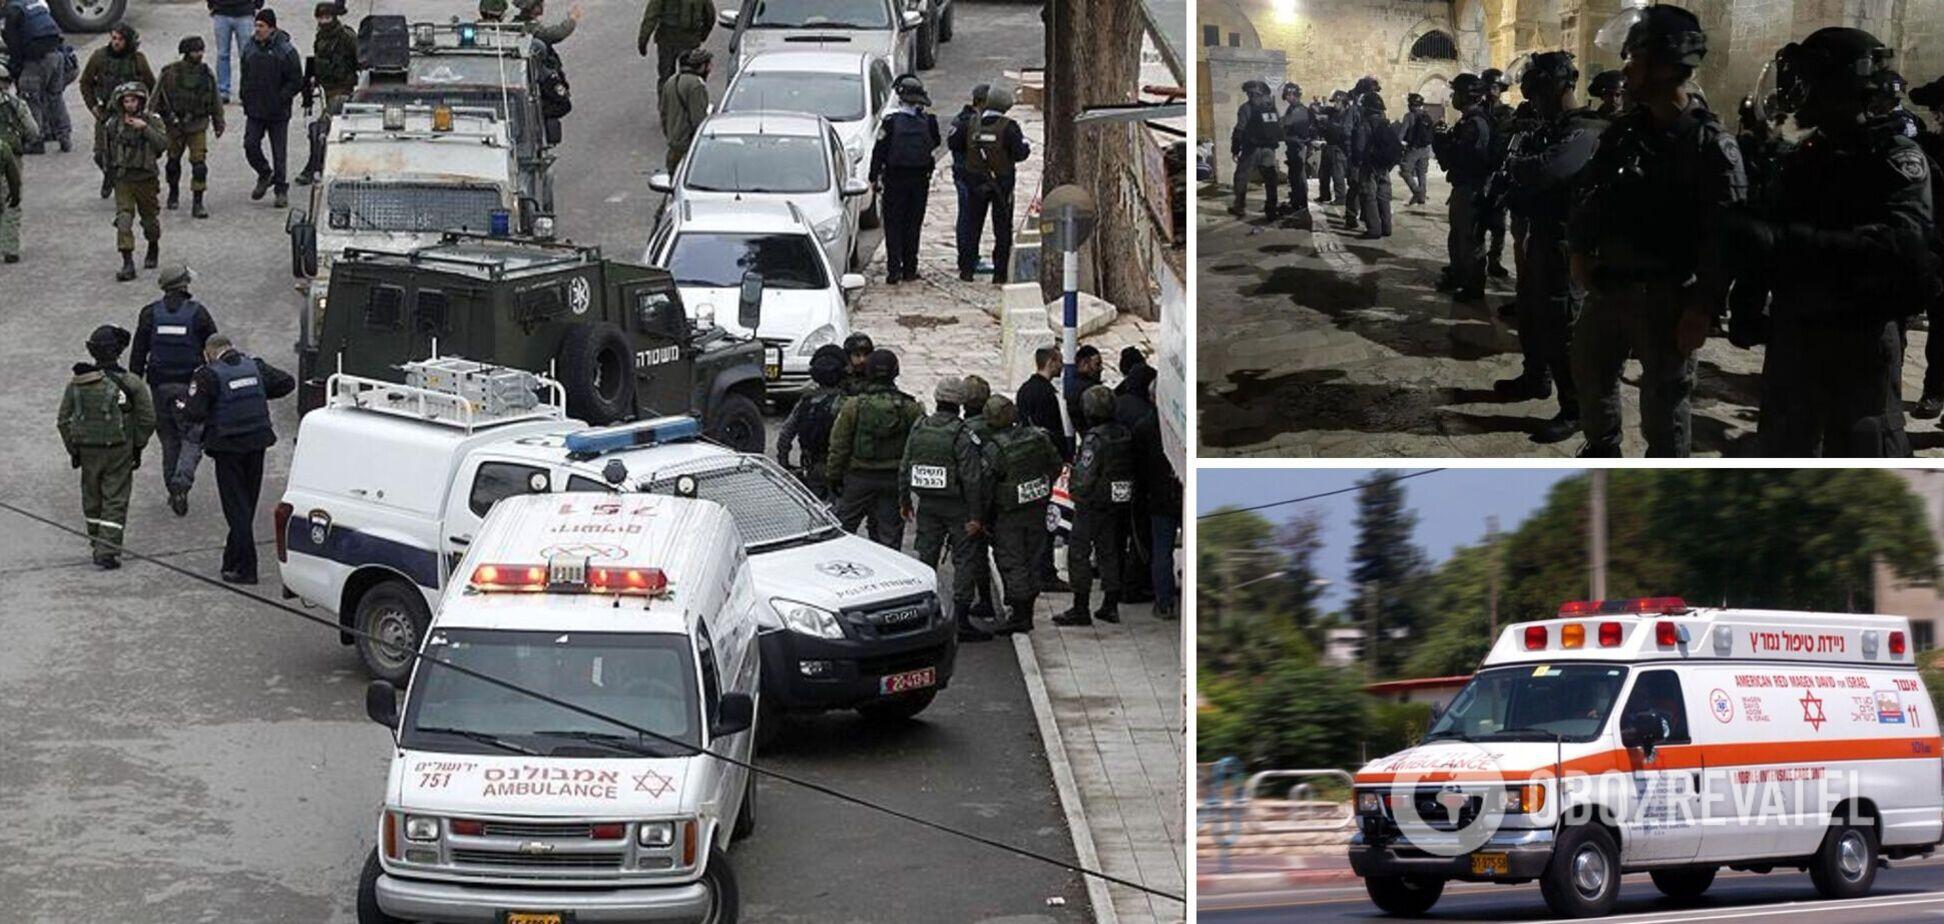 В Иерусалиме совершили теракт: ранены полицейские